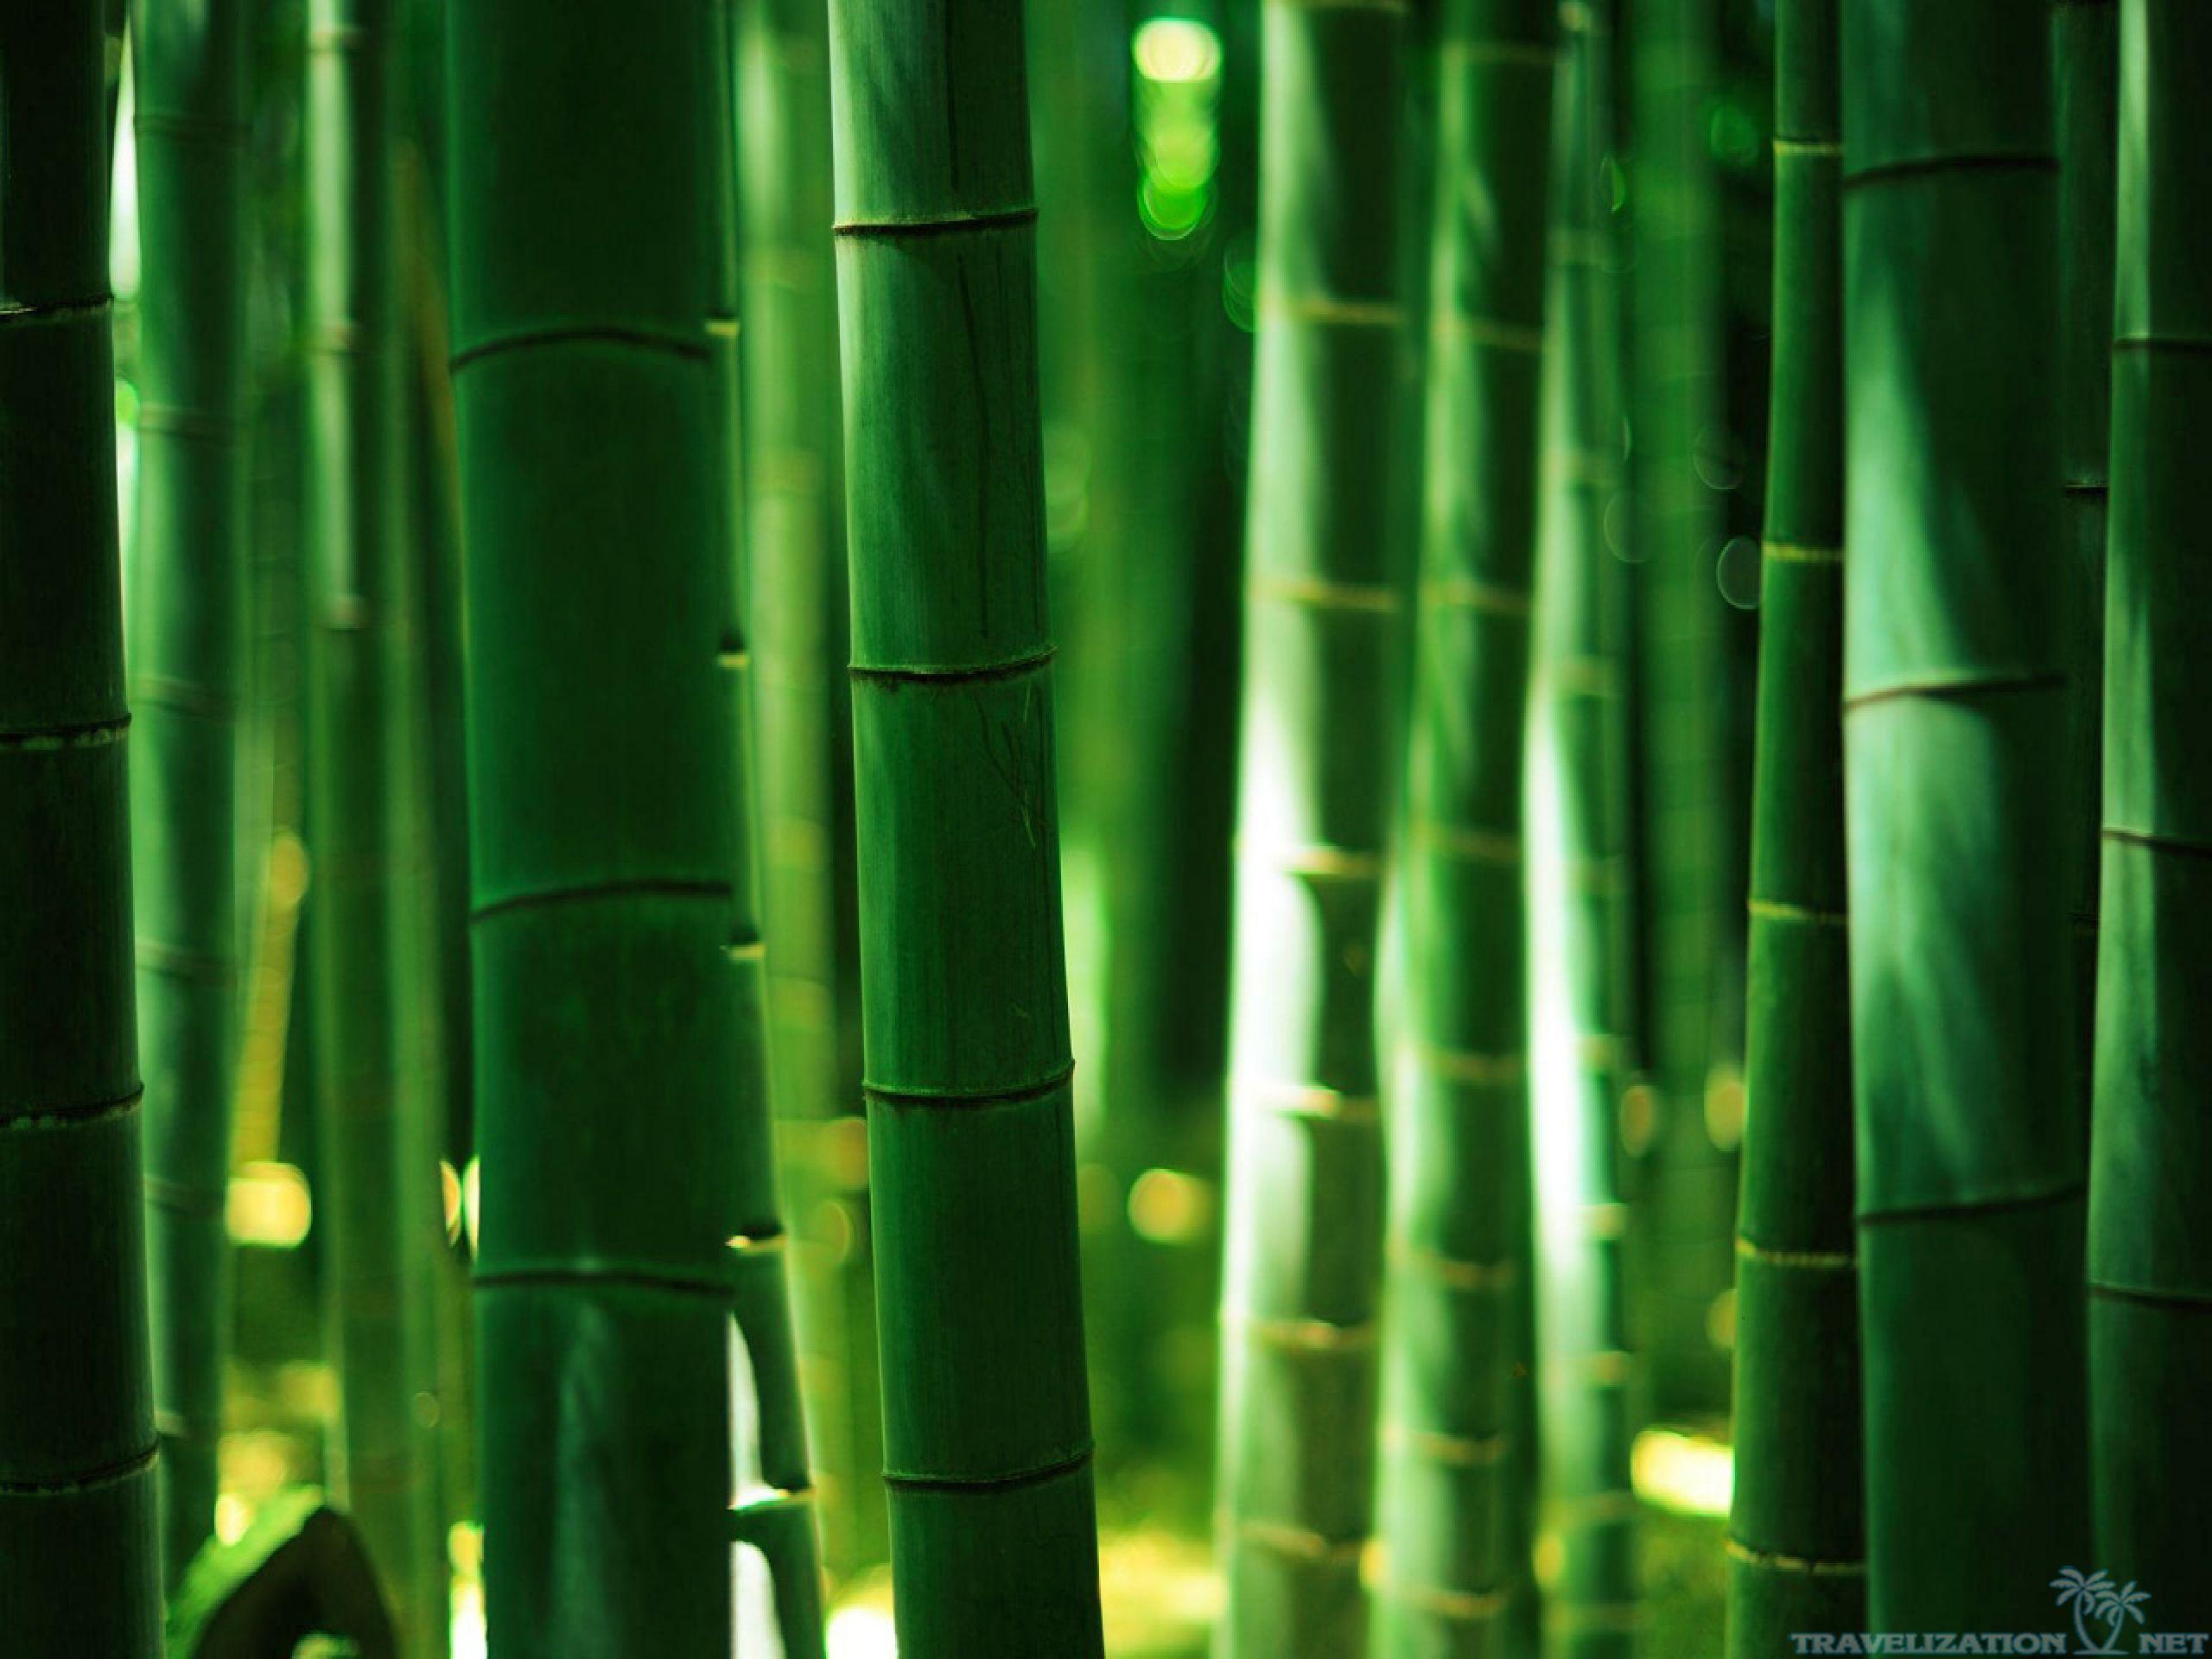 Green Bamboo Forest Hd Desktop Wallpaper Instagram Photo